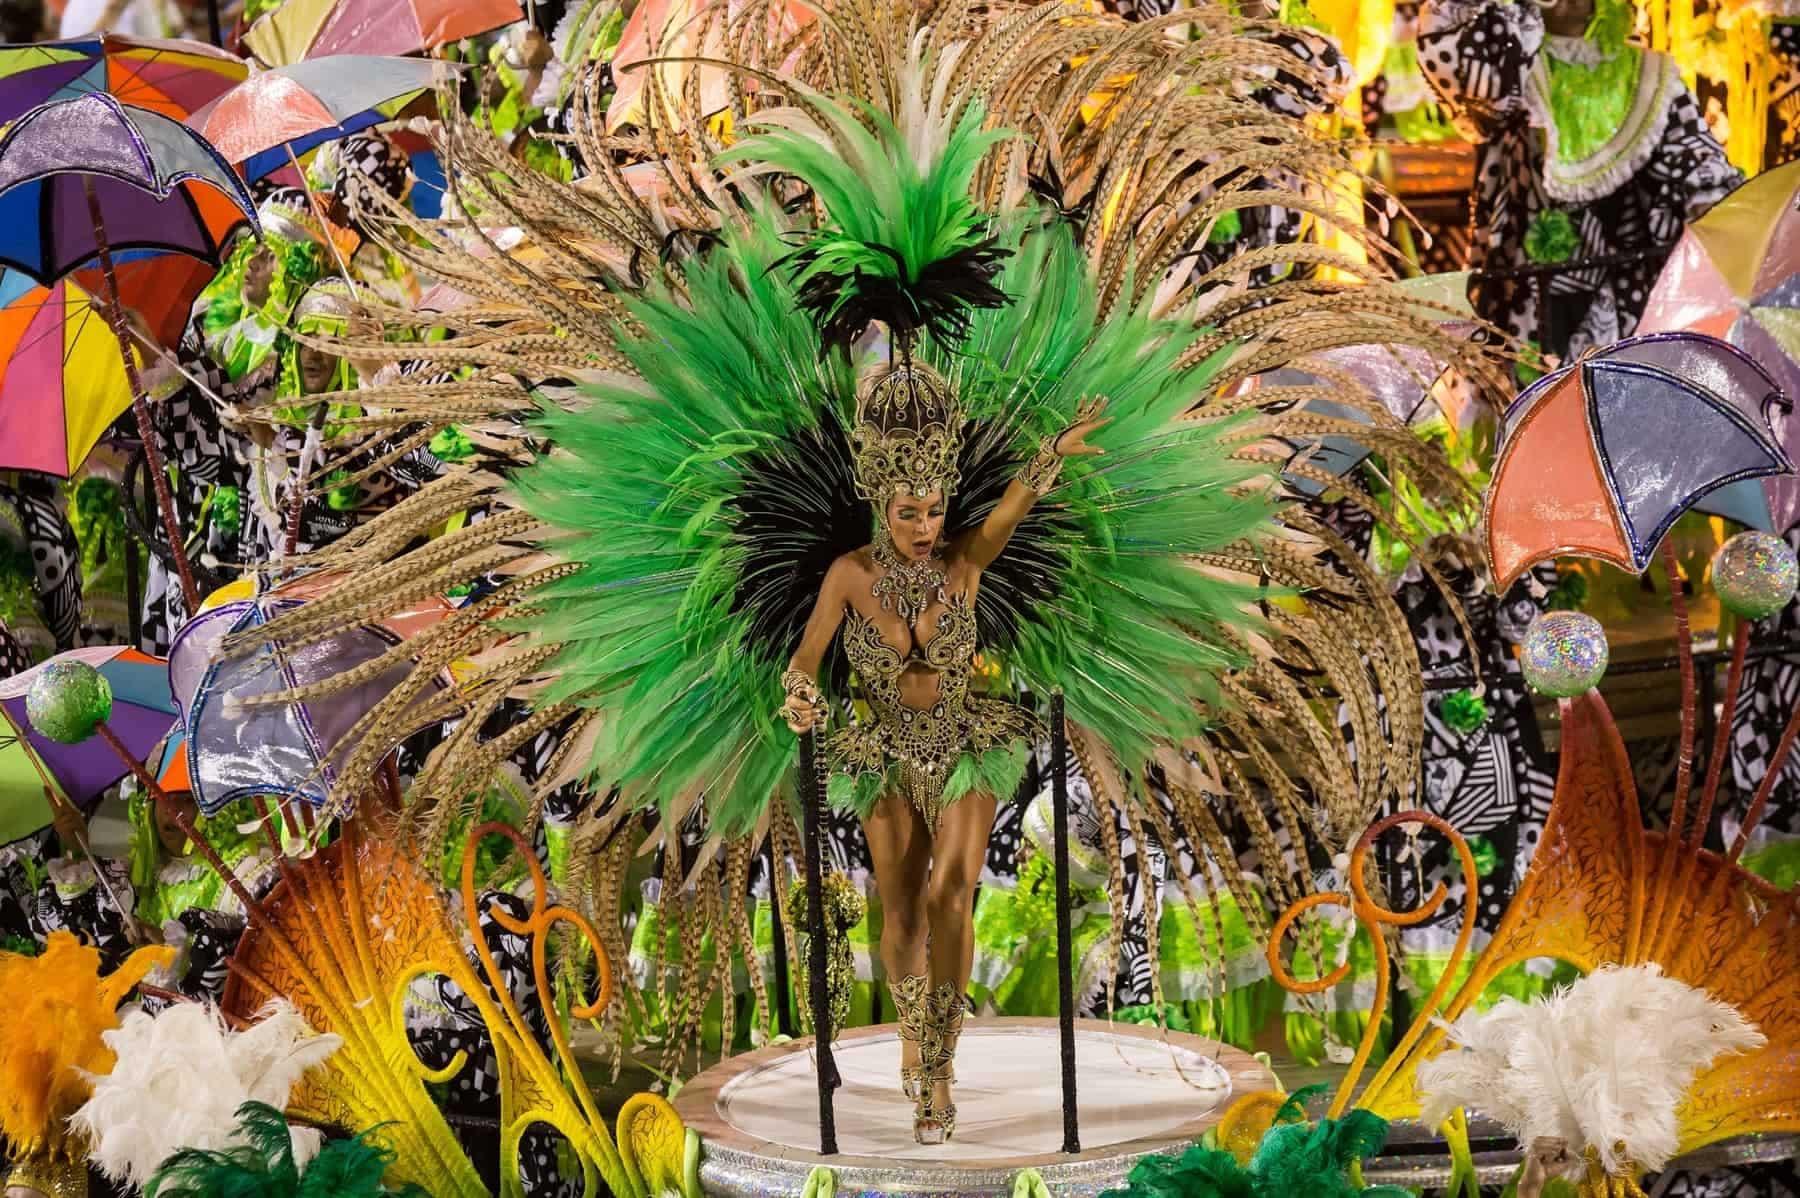 Carnival 2014 Rio de Janeiro. Sambodromo